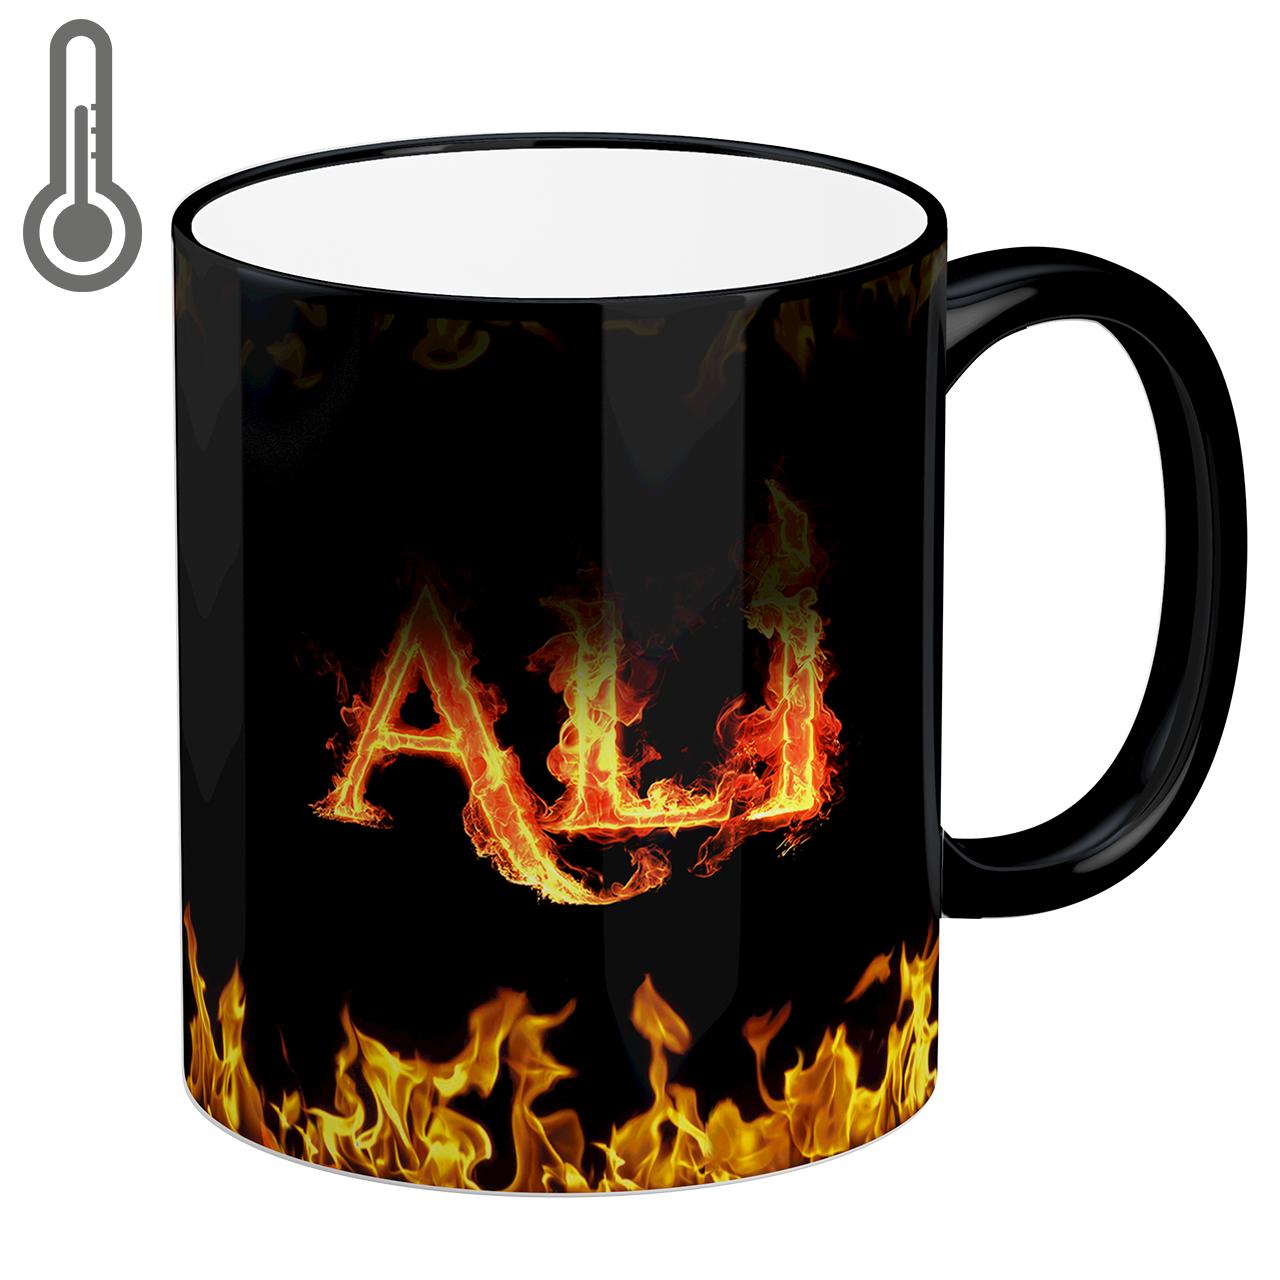 عکس ماگ حرارتی لومانا مدل علی کد MAG1075